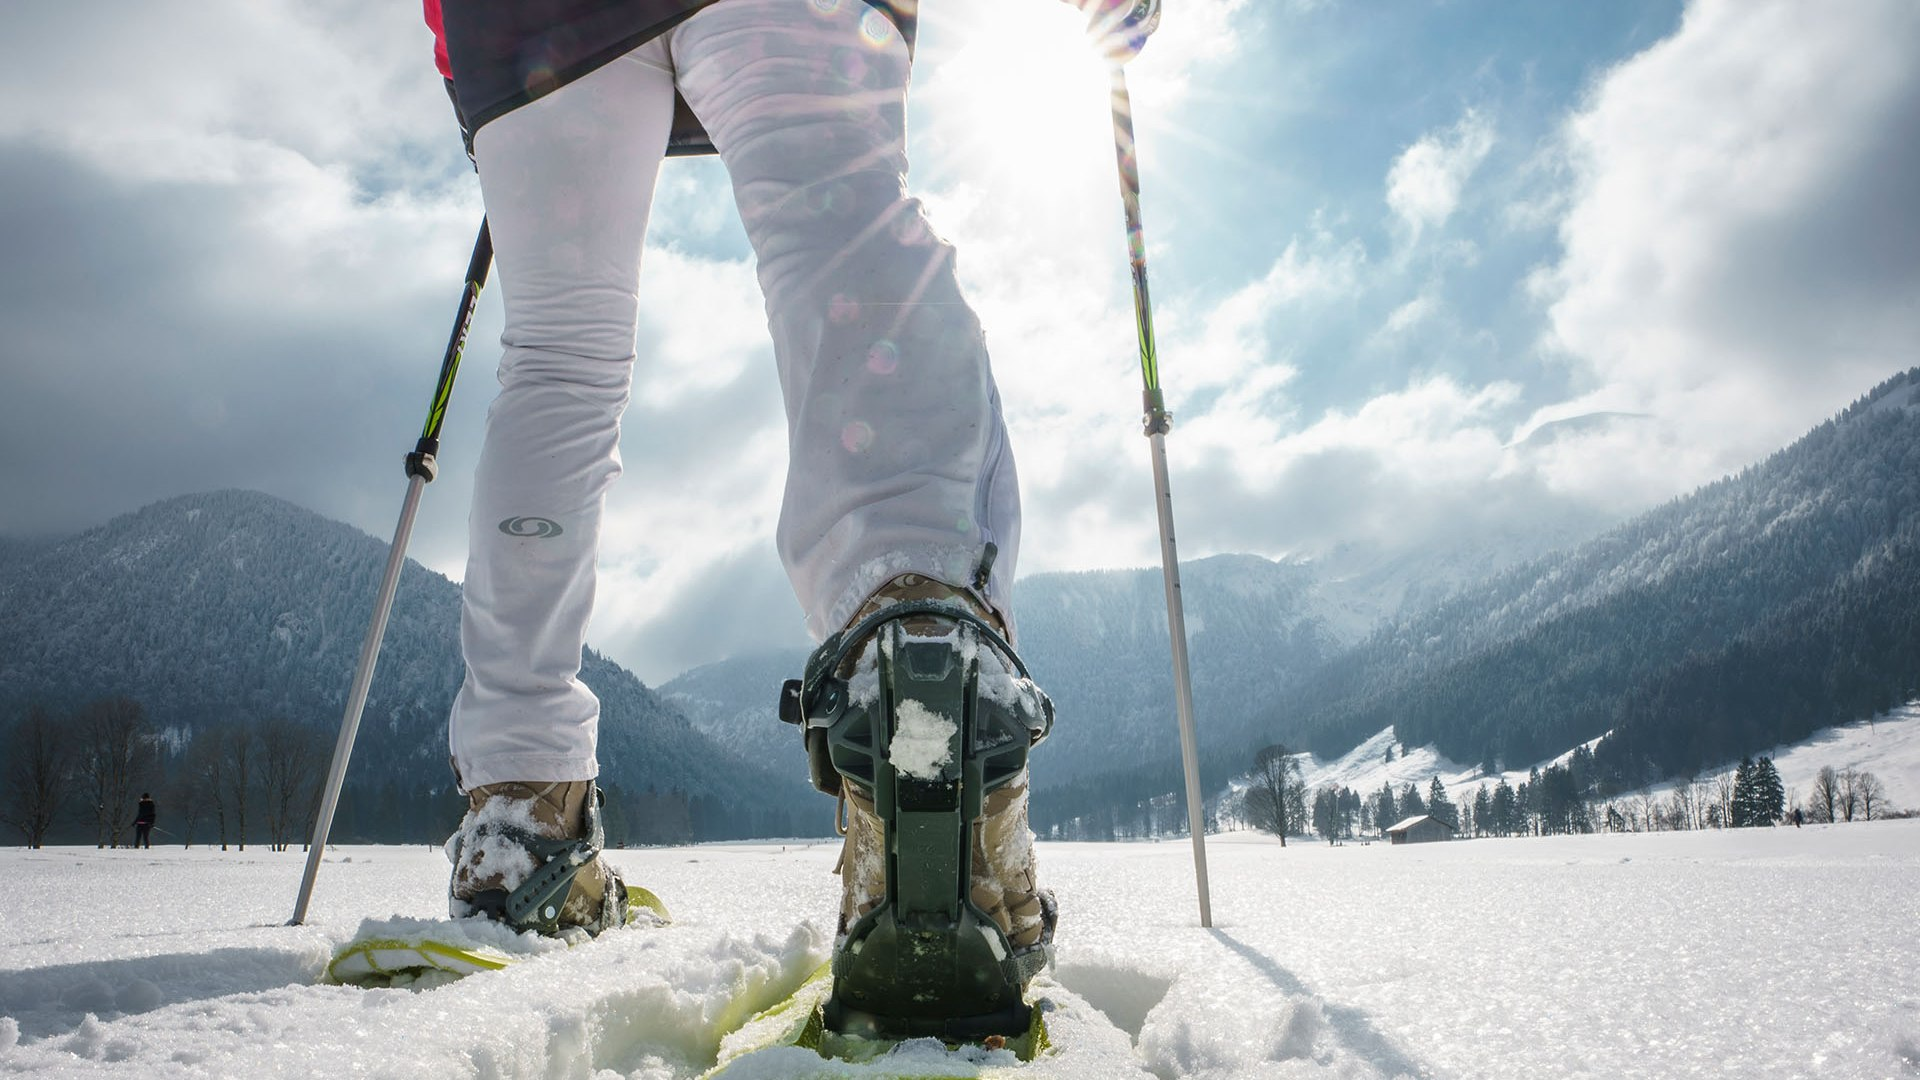 Schneeschuh Bayrsichzell, © Dietmar Denger